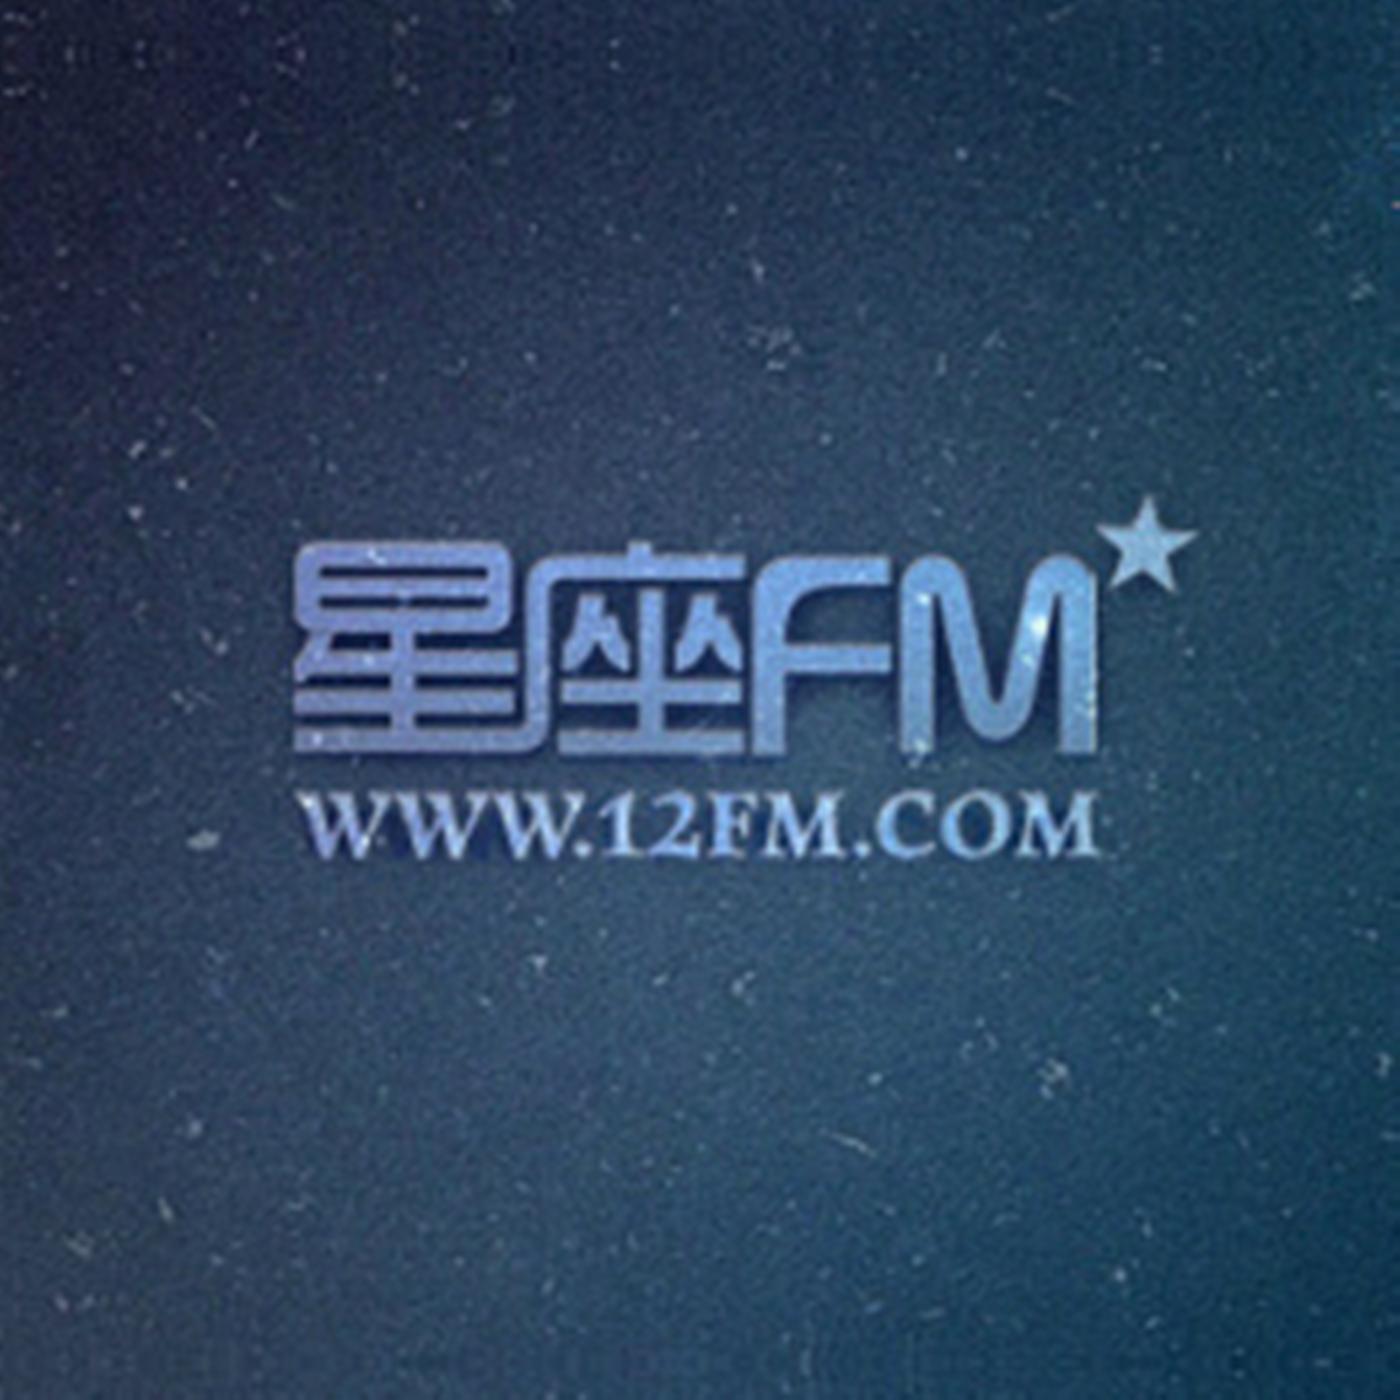 <![CDATA[星座FM网络电台]]>